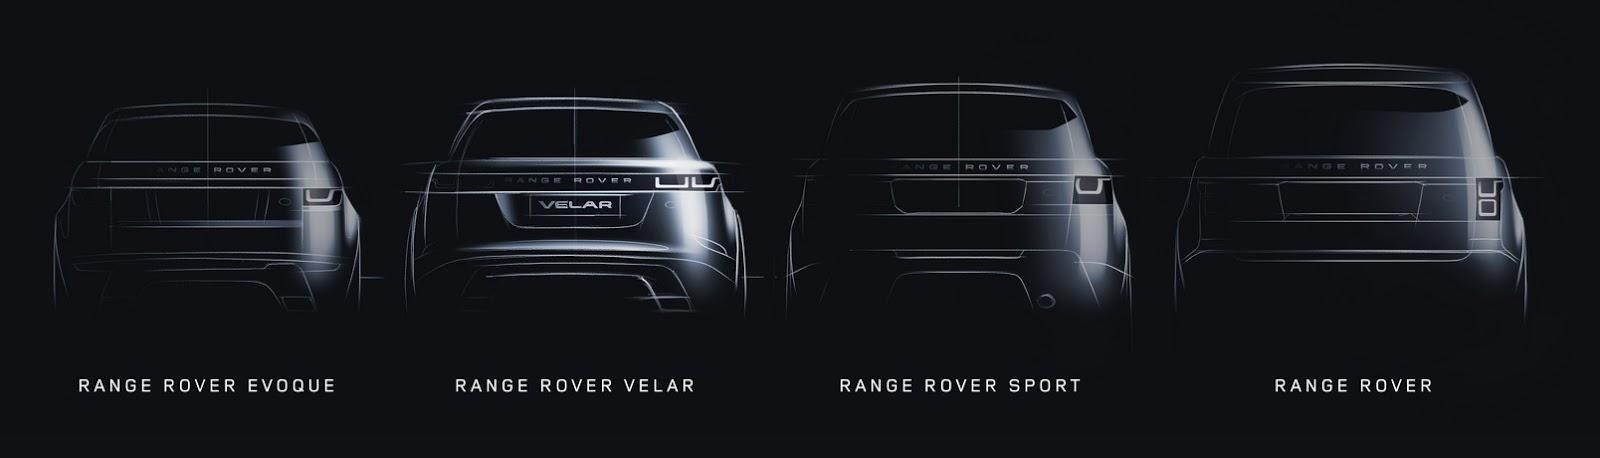 land-rover-nha-hang-range-rover-velar